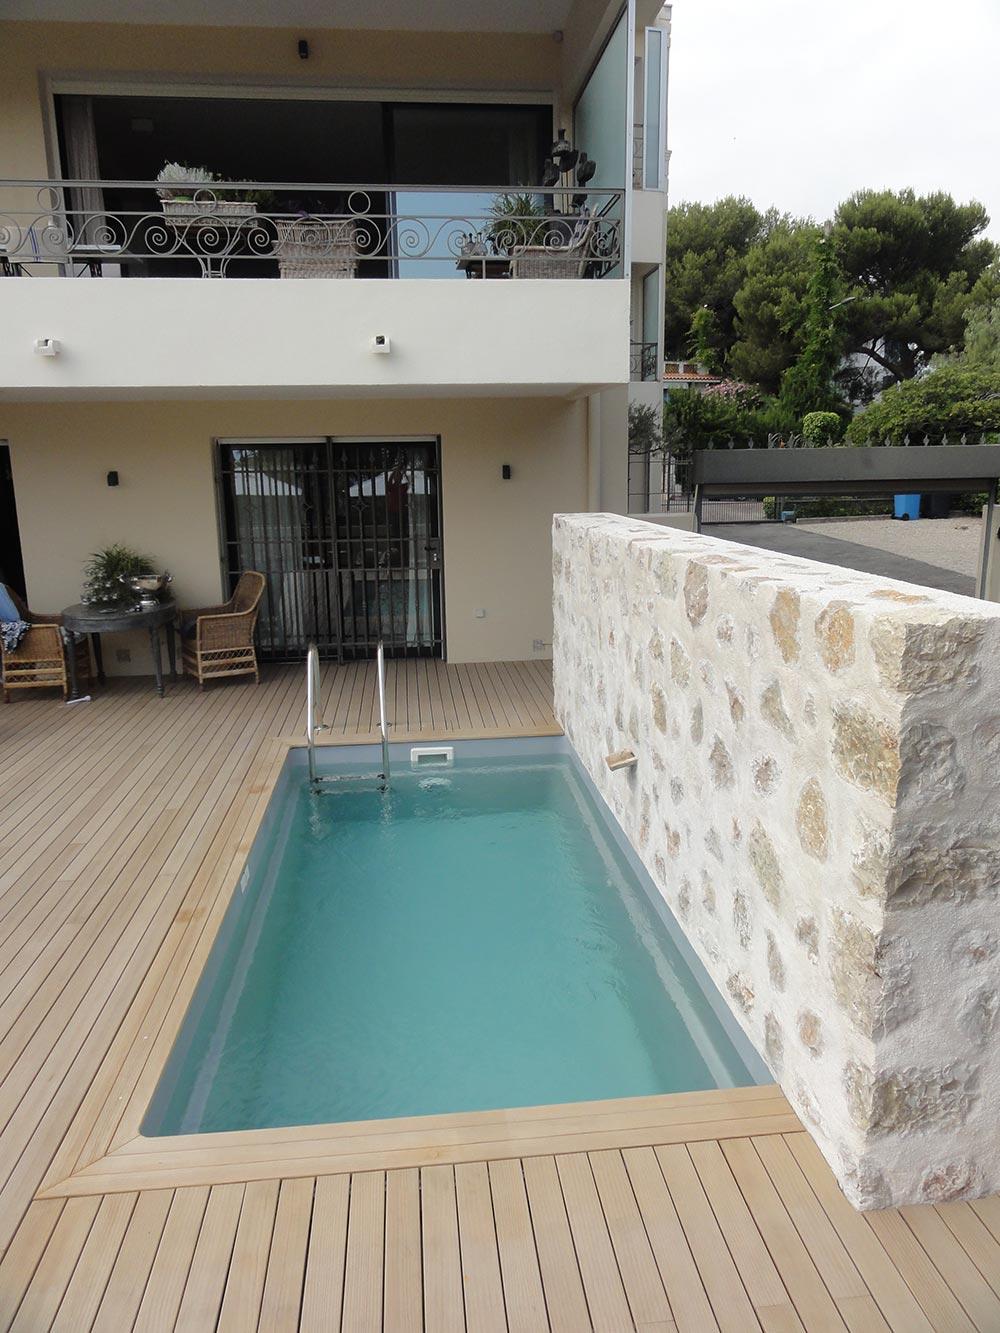 Mini piscine coque fashion designs - Mini piscine coque prix ...